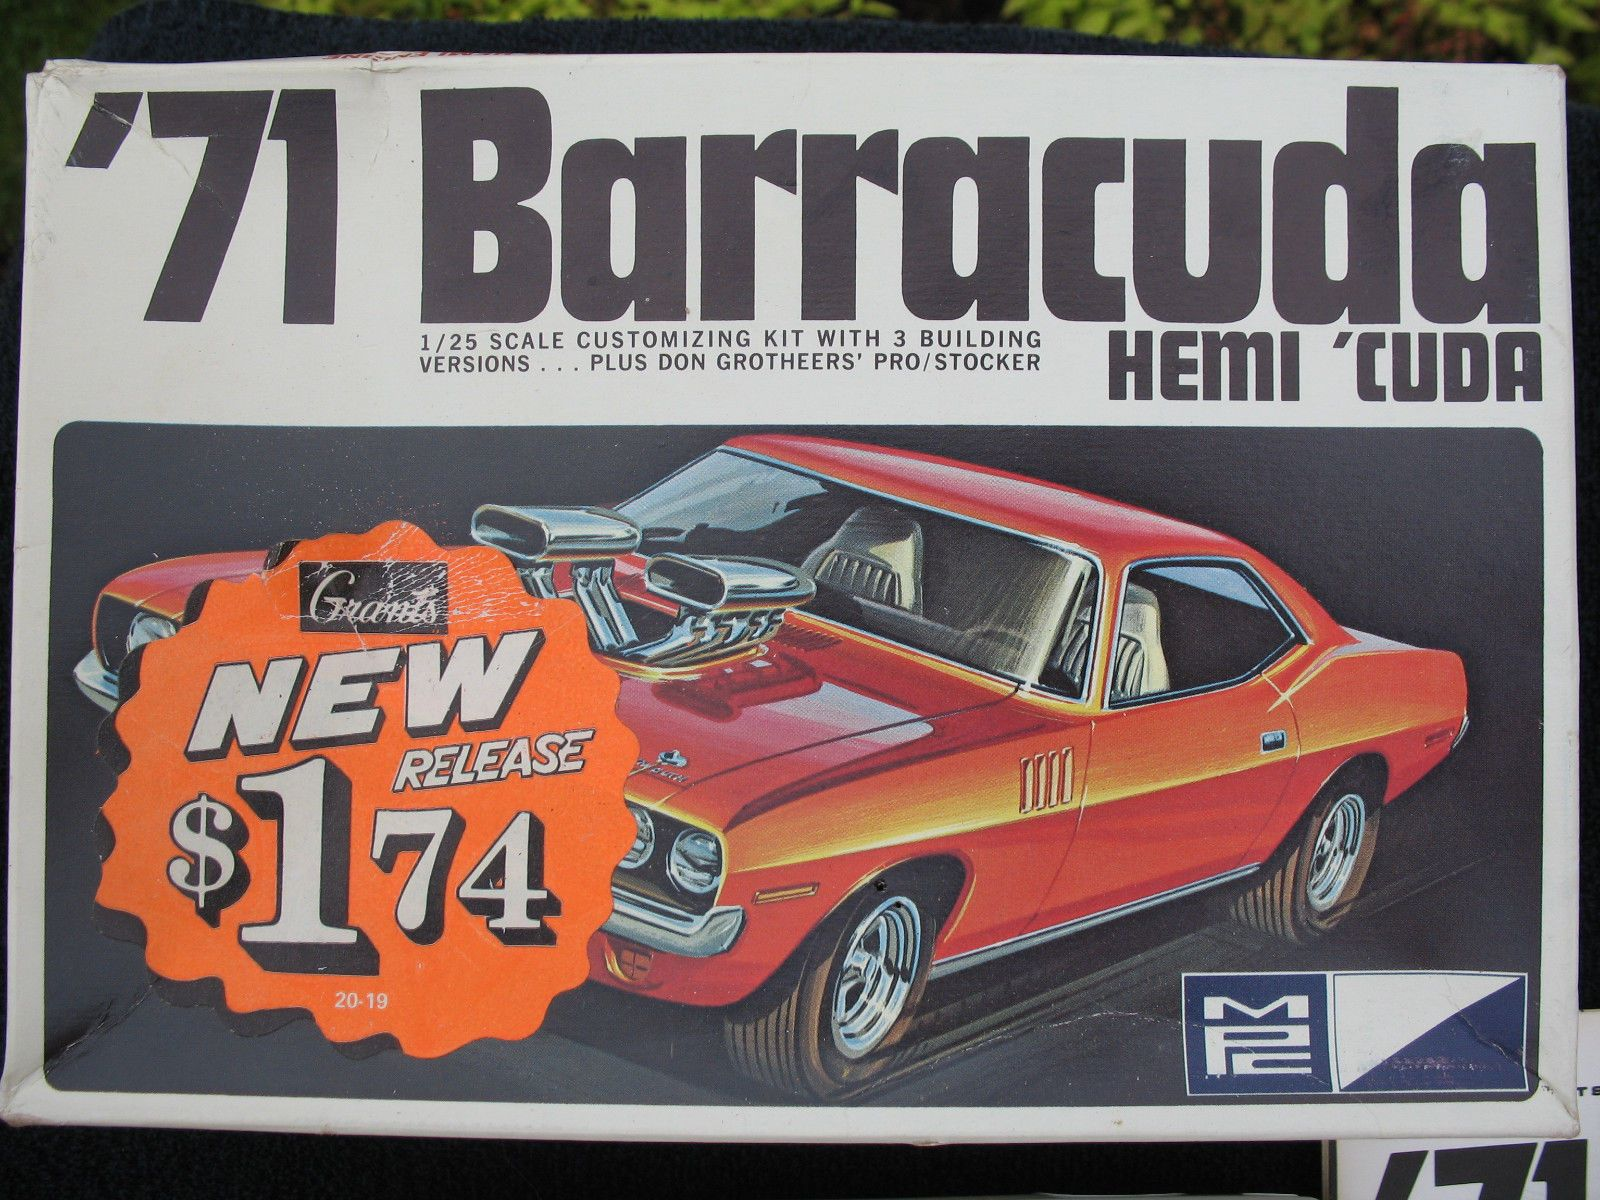 mpc model | Model cars kits, Plastic model kits, Model